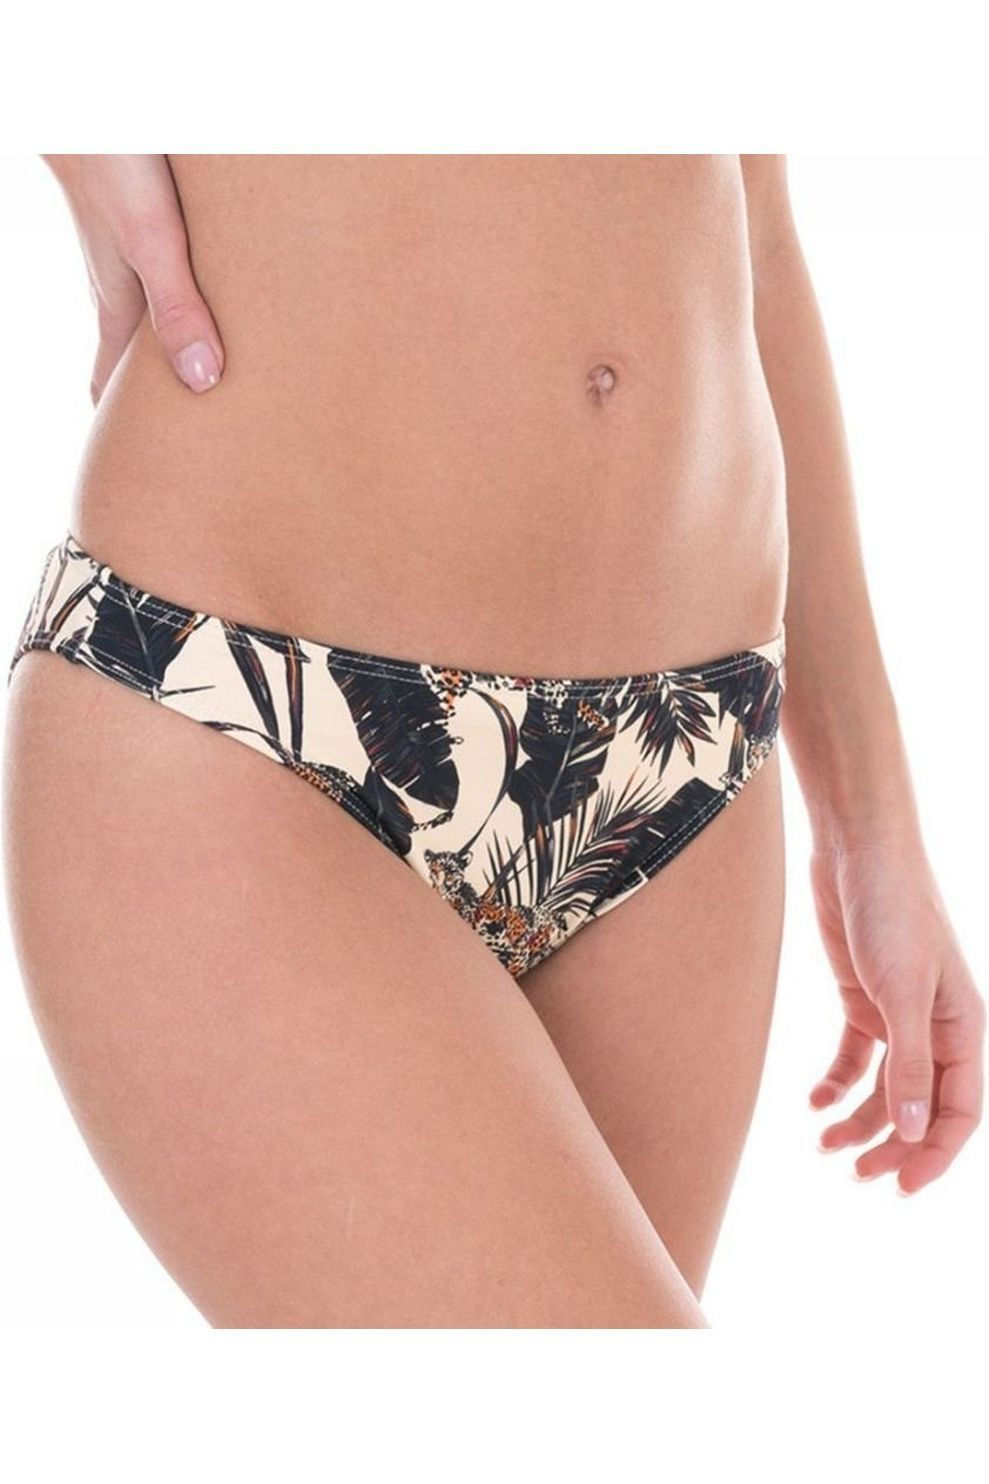 Kiwi Slip Panthere voor dames - Wit - Maten: 36, 38, 40, 42